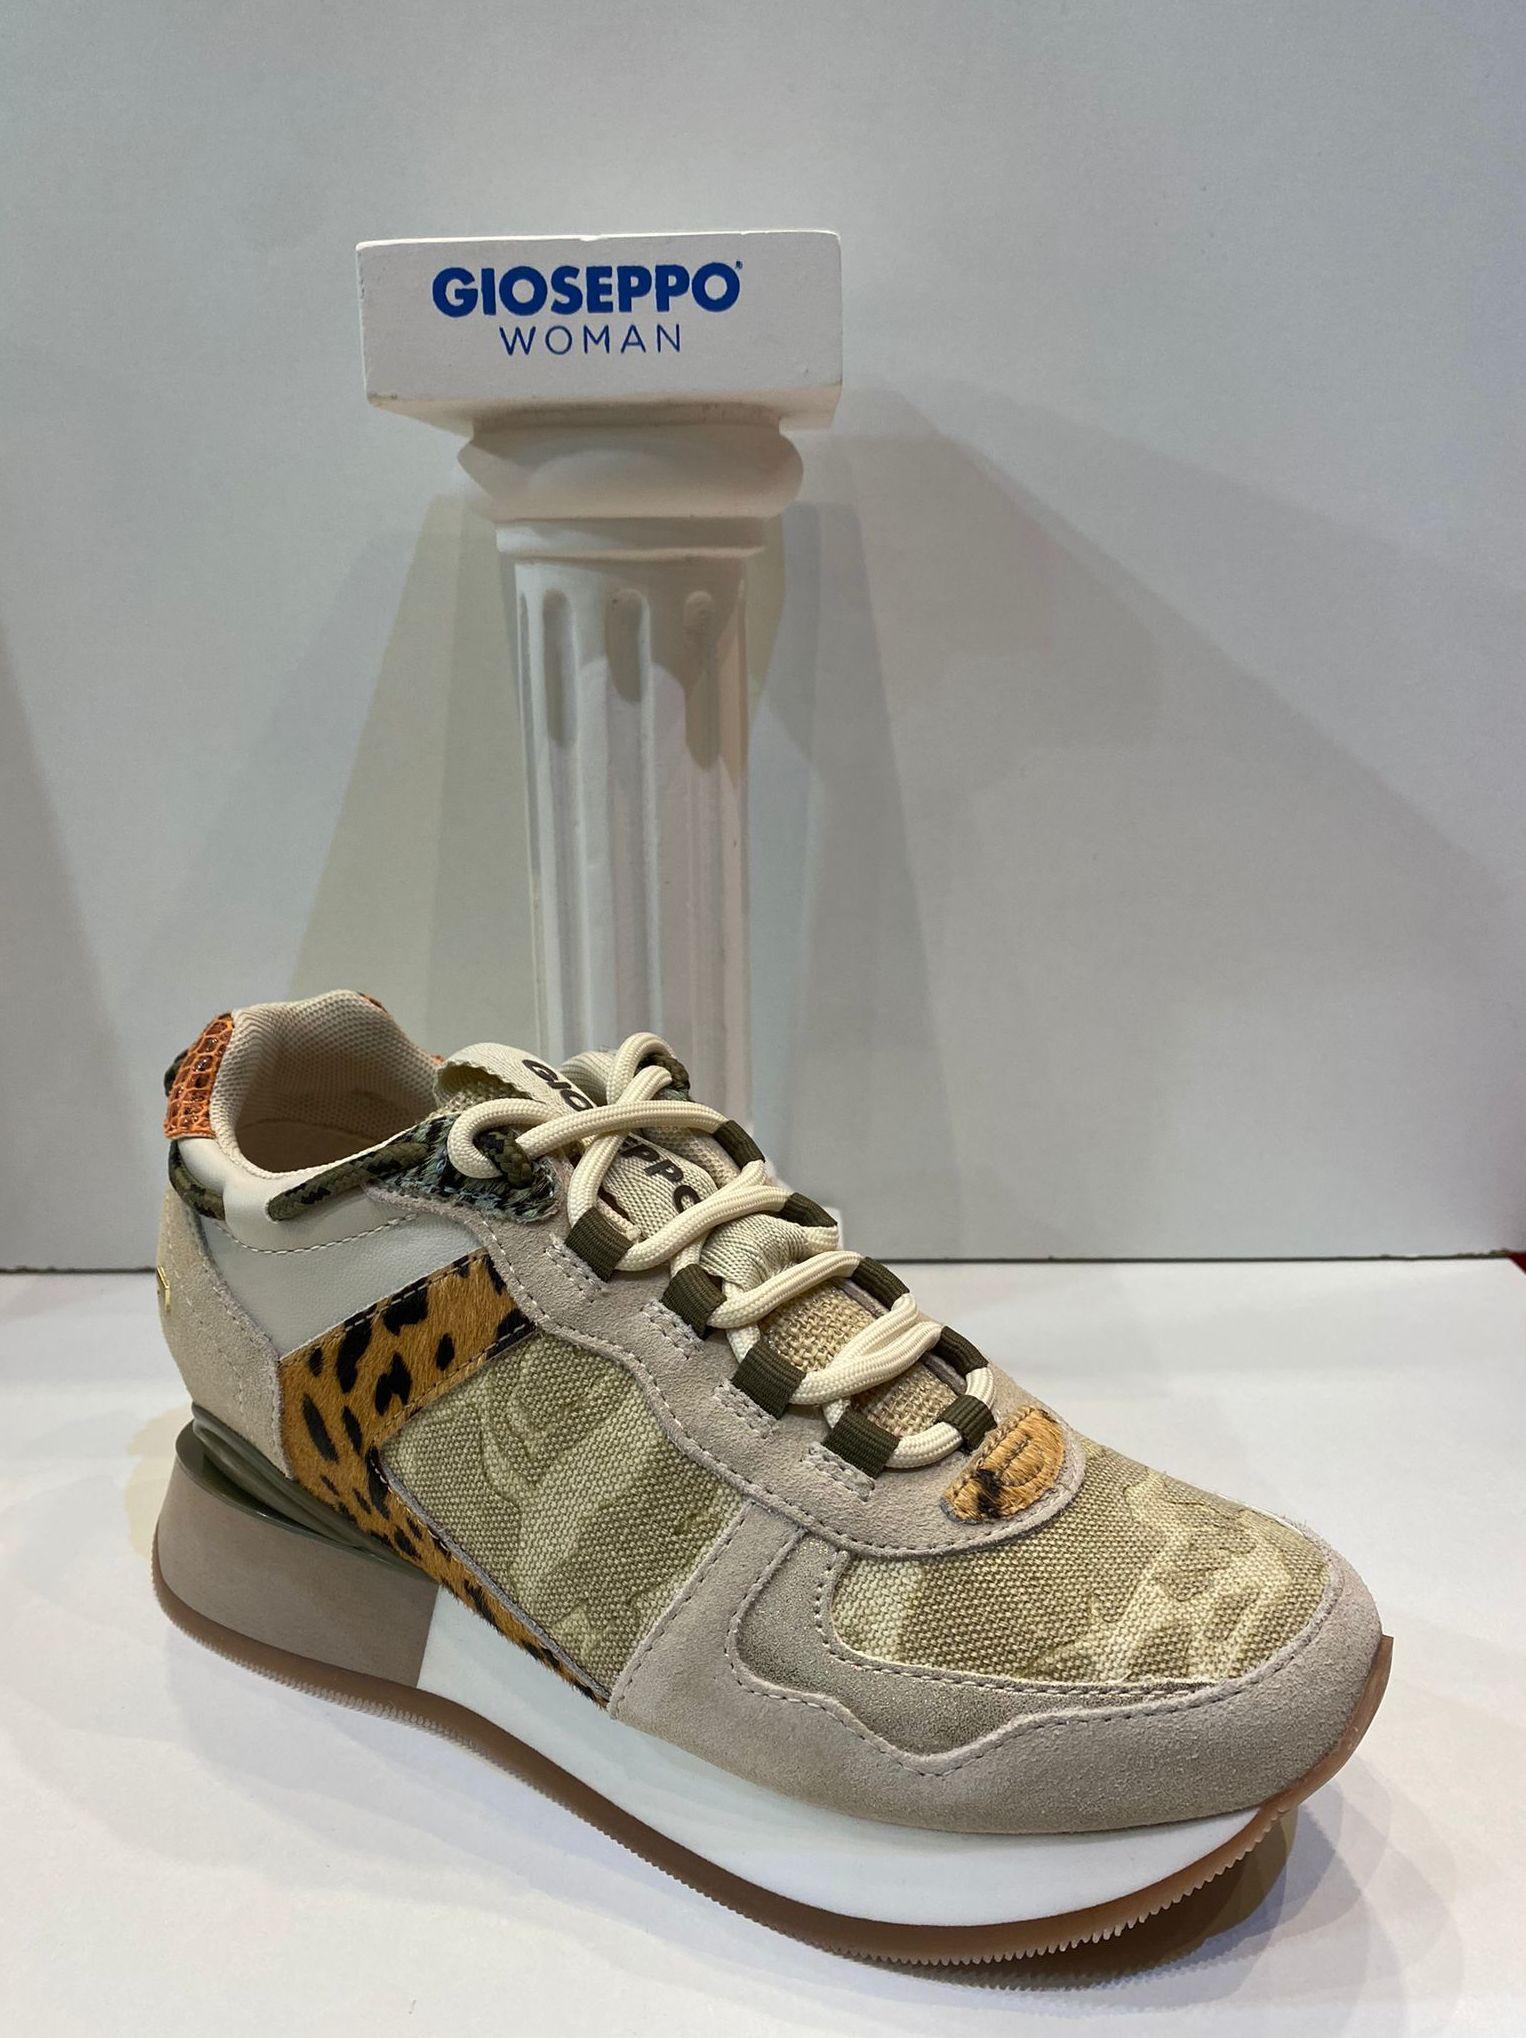 Sabata esportiva de dona, de la marca Gioseppo, amb tres centímetres de cunya interior, ample especial, adaptable a plantilles ortopèdiques 69.95€